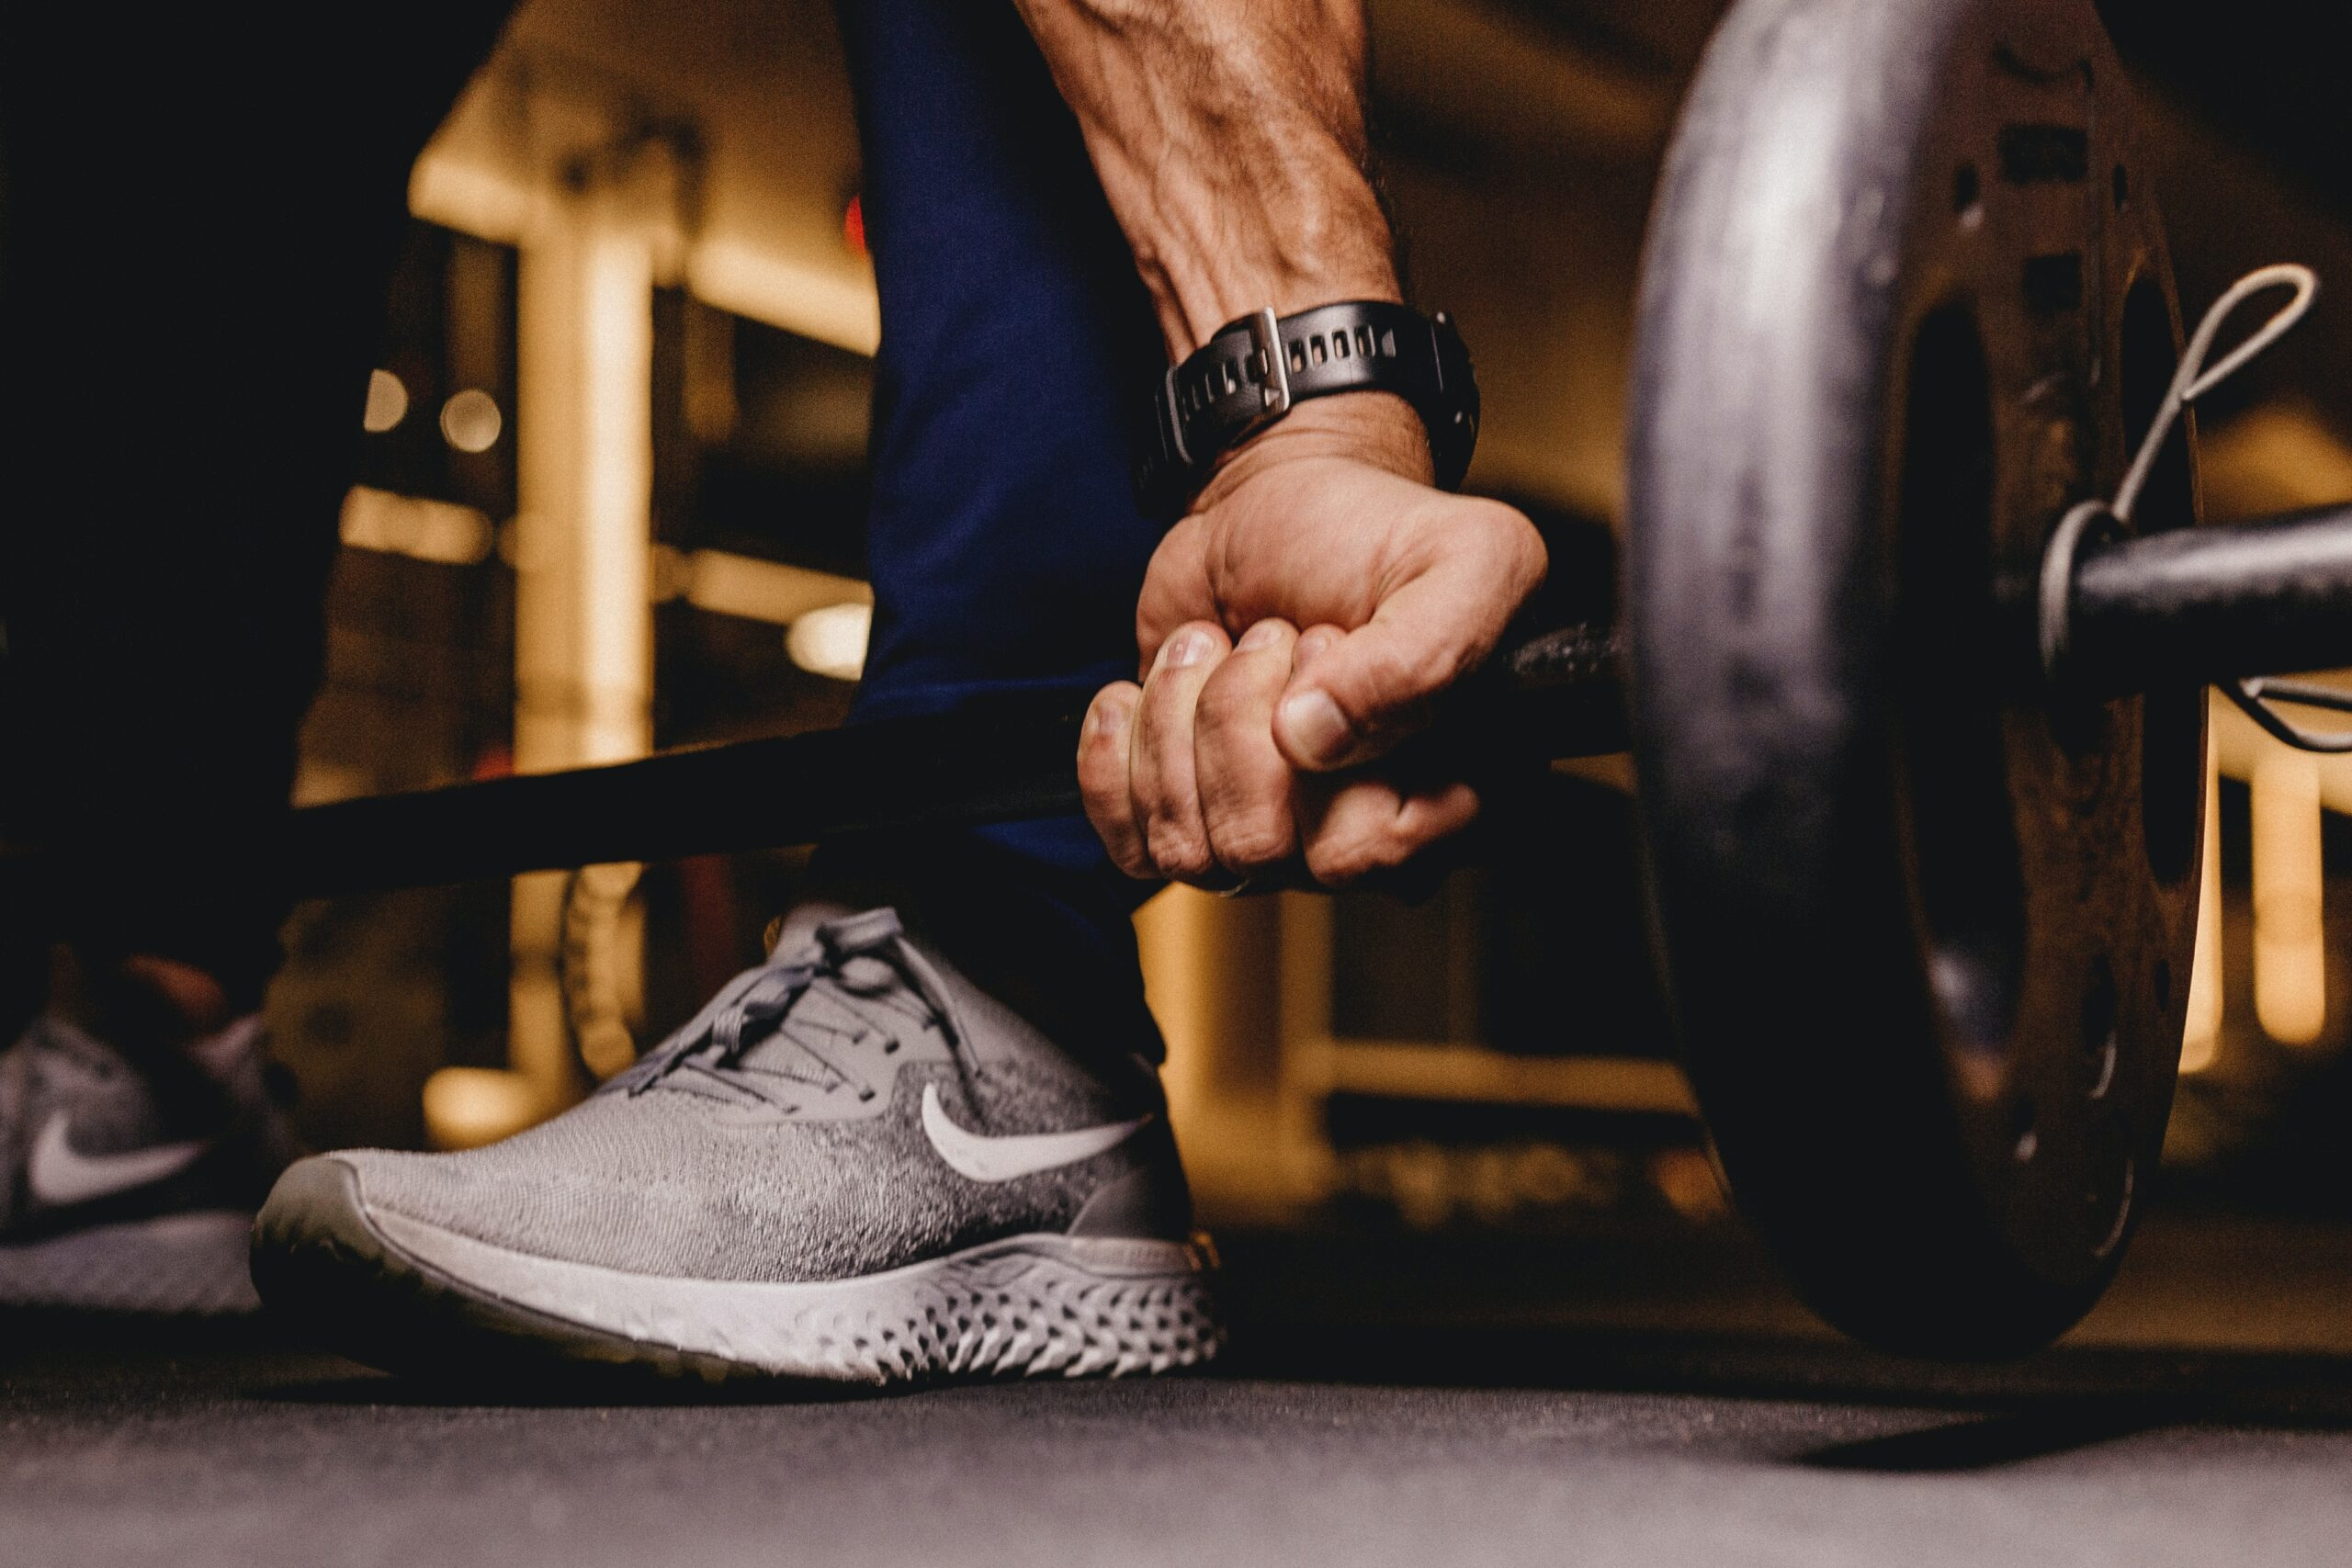 Kruhový trénink, Tabata či HIIT – znáte výhody intervalových tréninků?